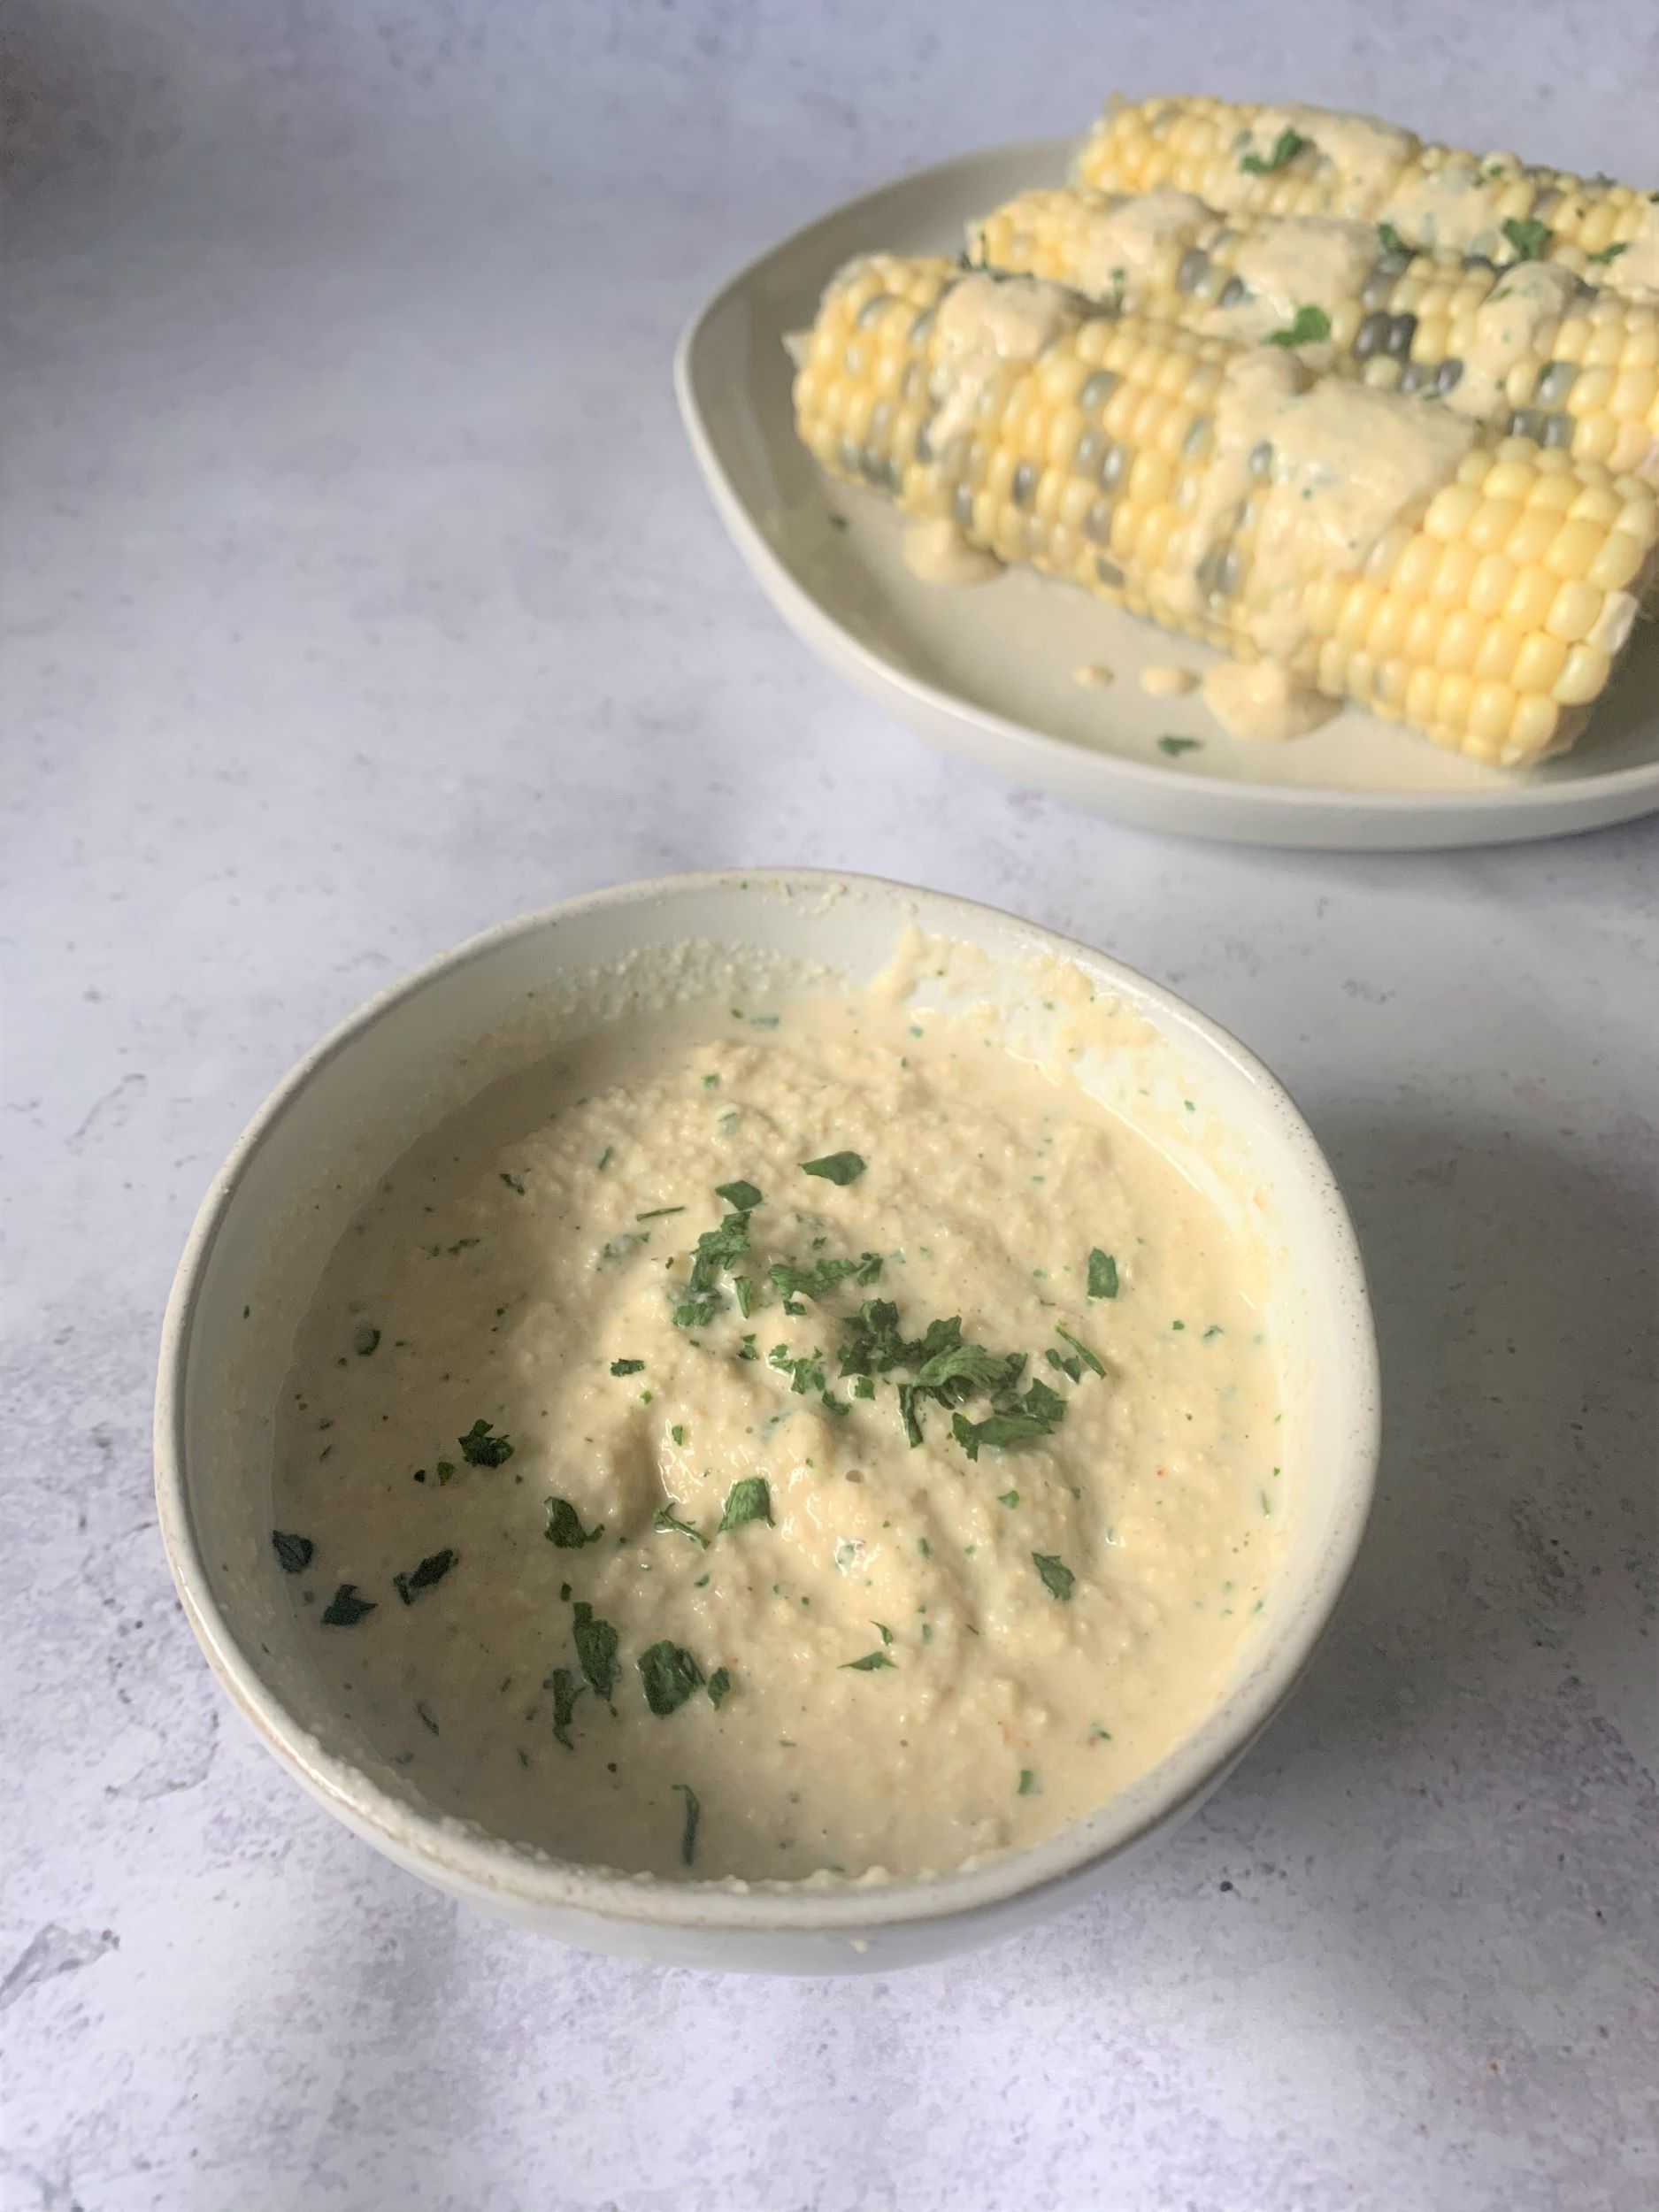 Vegan Garlic Parsley Aioli